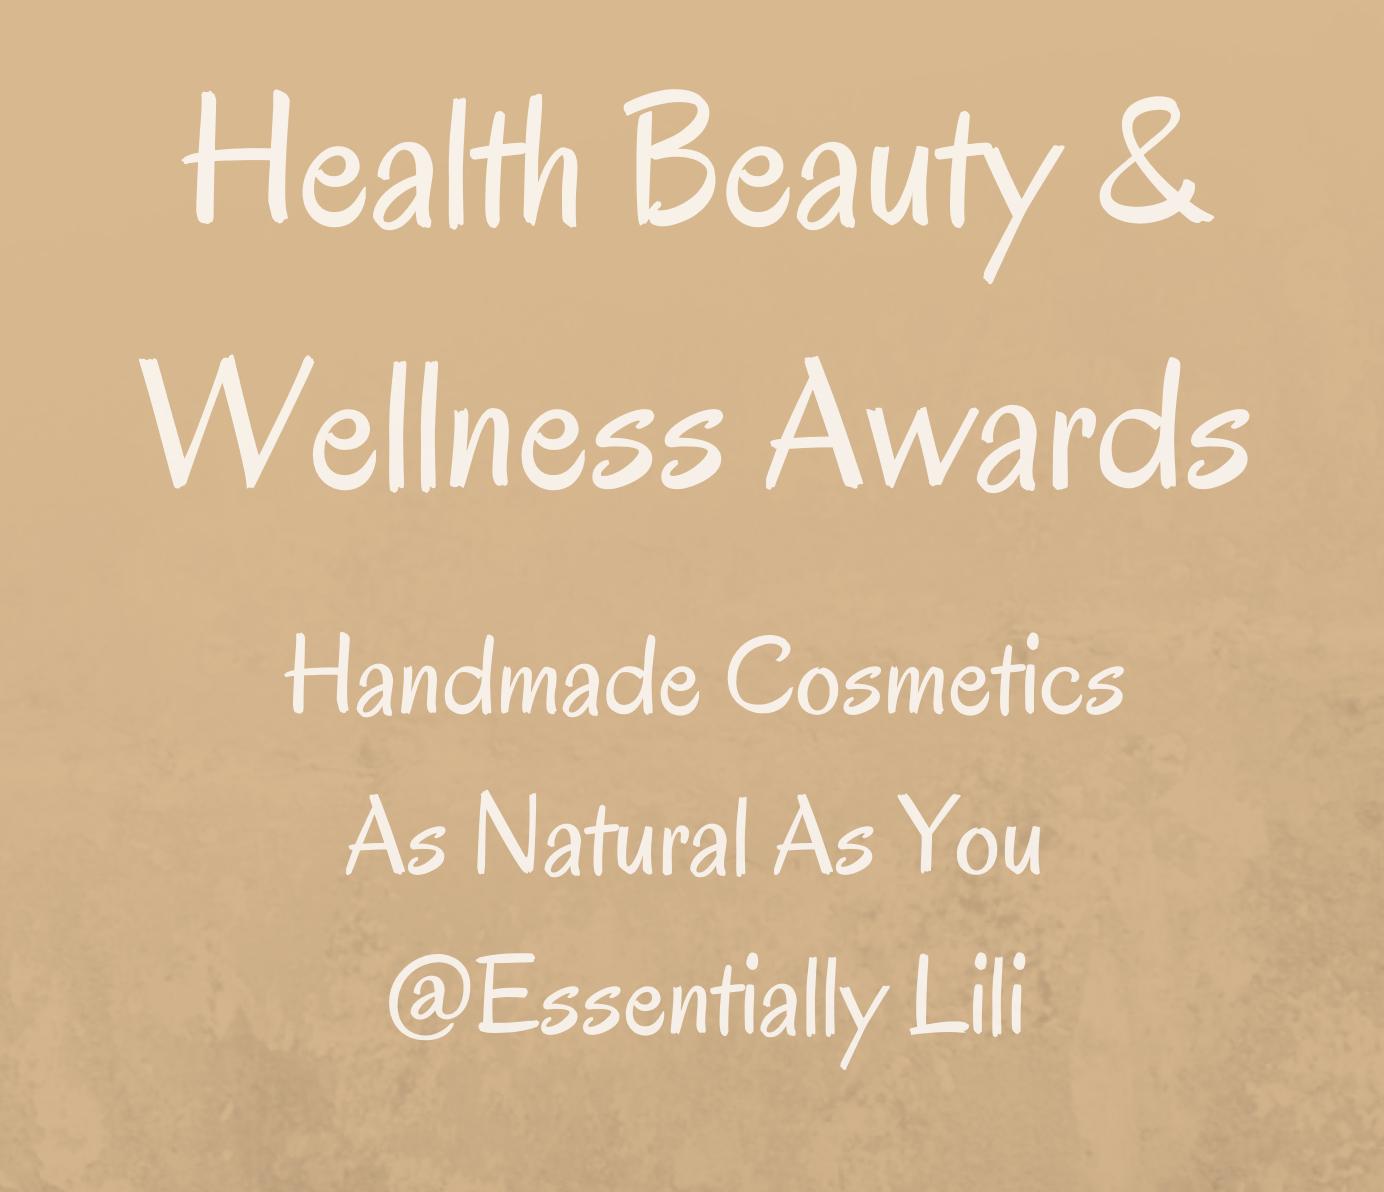 Health Beauty Awards